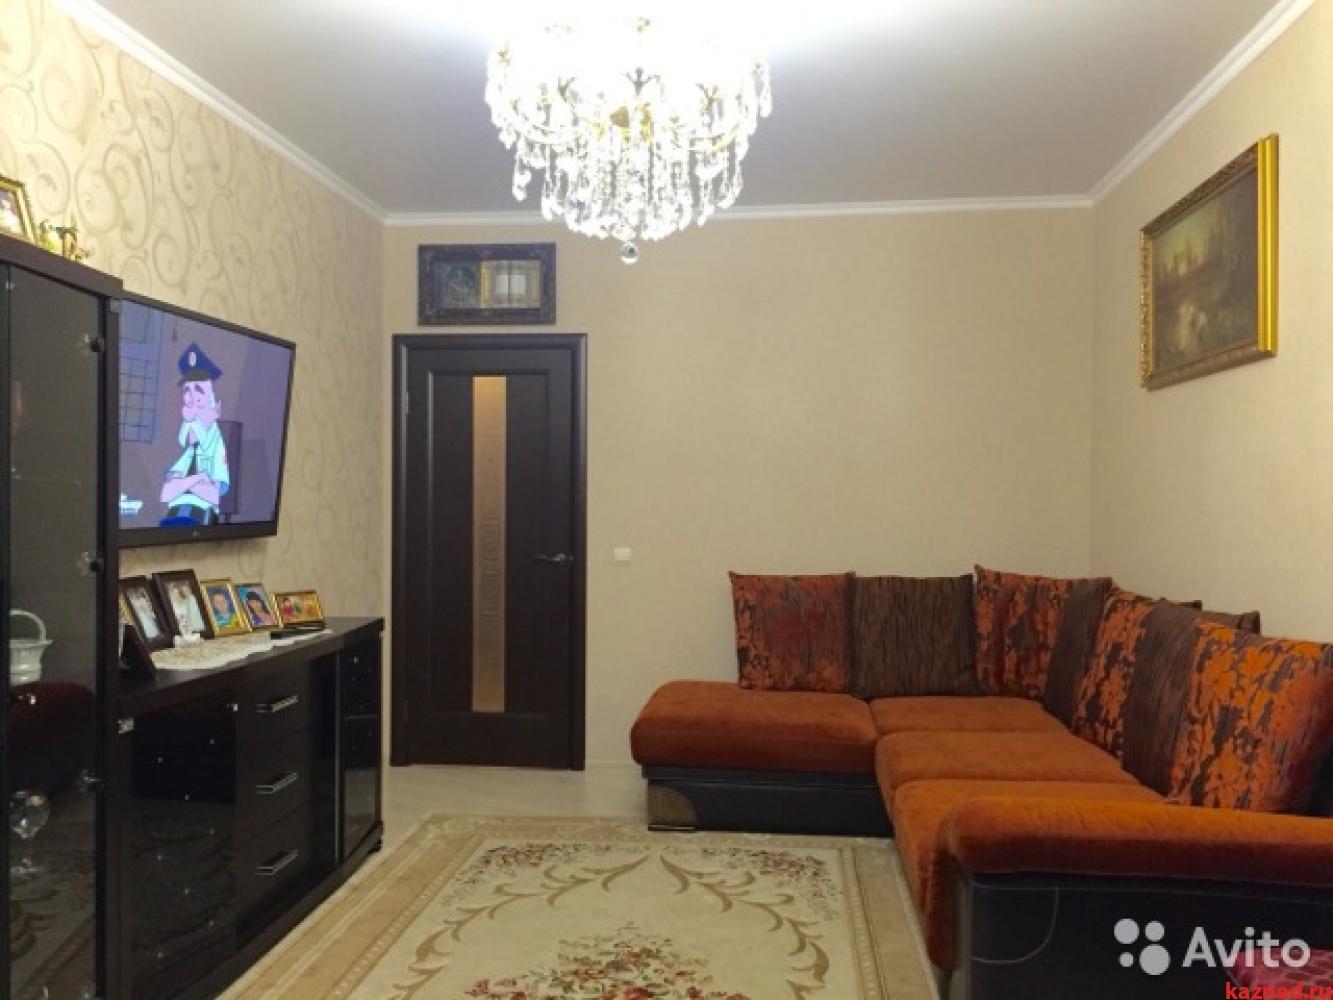 Продажа 1-к квартиры проспект победы 46, 49 м2  (миниатюра №3)